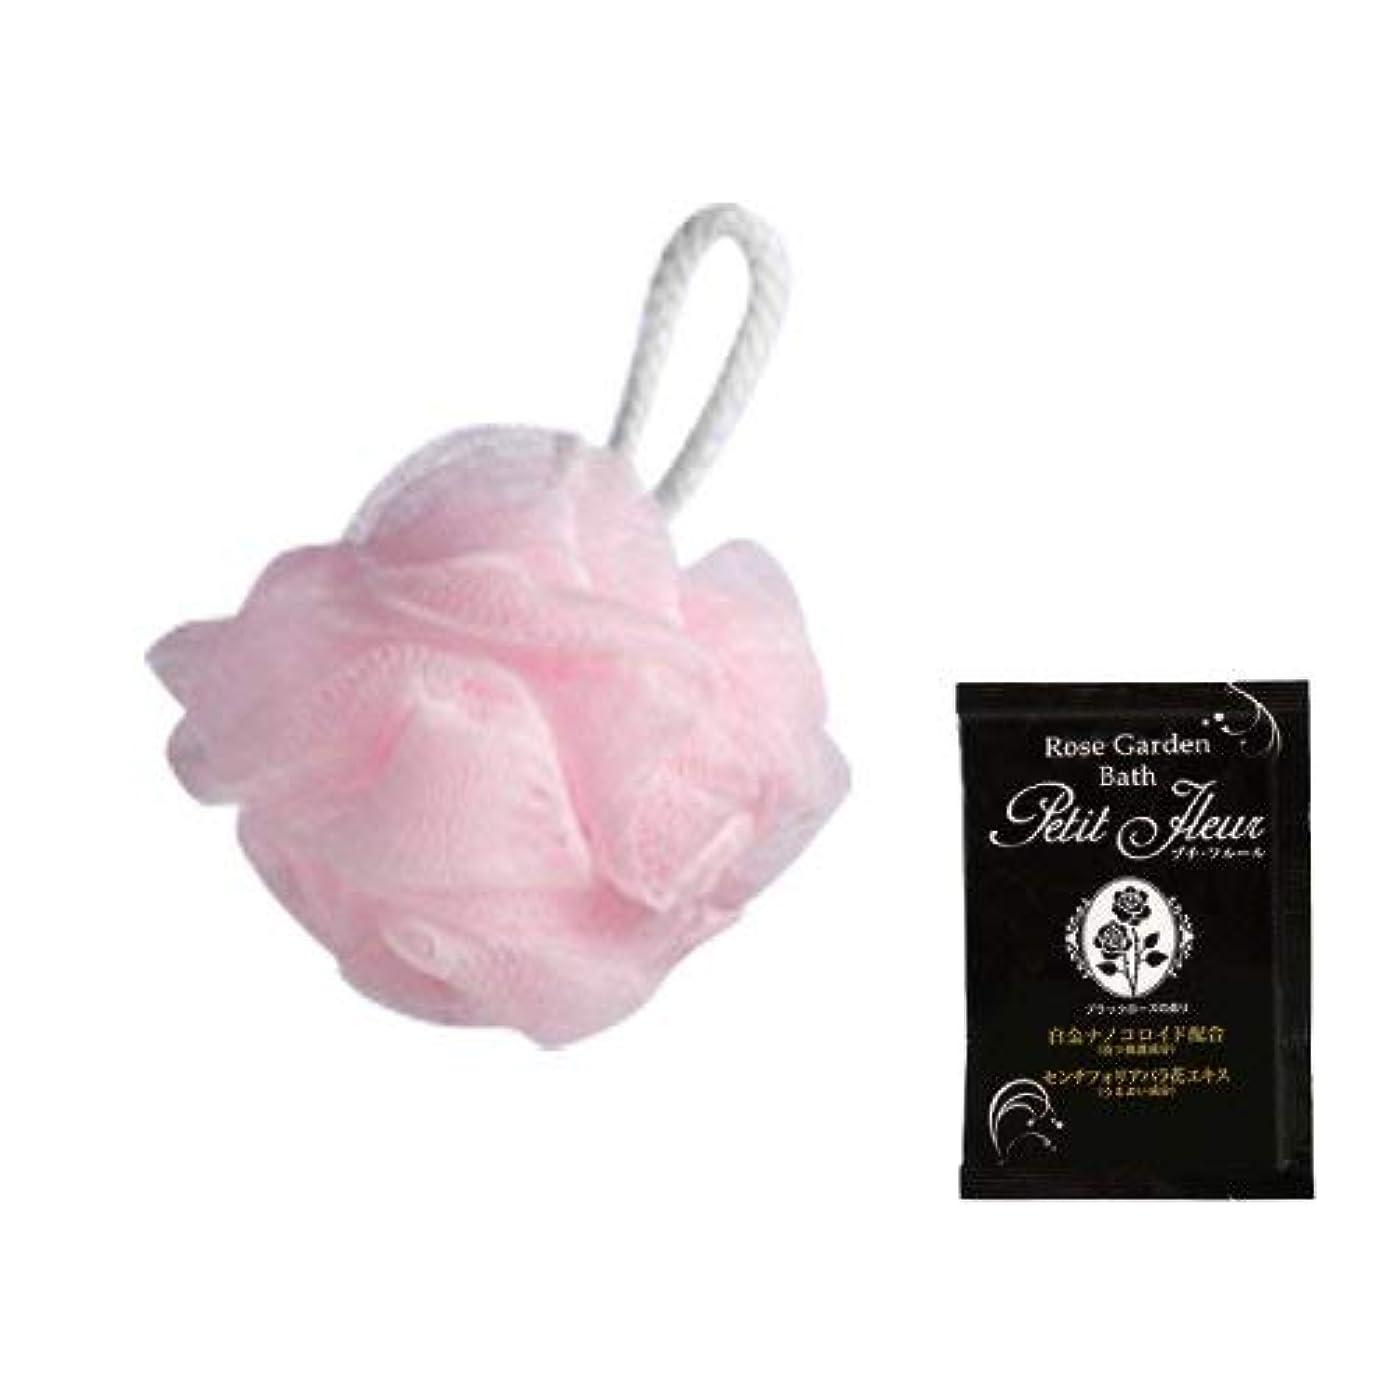 エクステント完全にカセットボディウォッシュボール 個包装 ピンク × 100個セット + 入浴剤プチフルール(1回分) - BODY WASH BALL